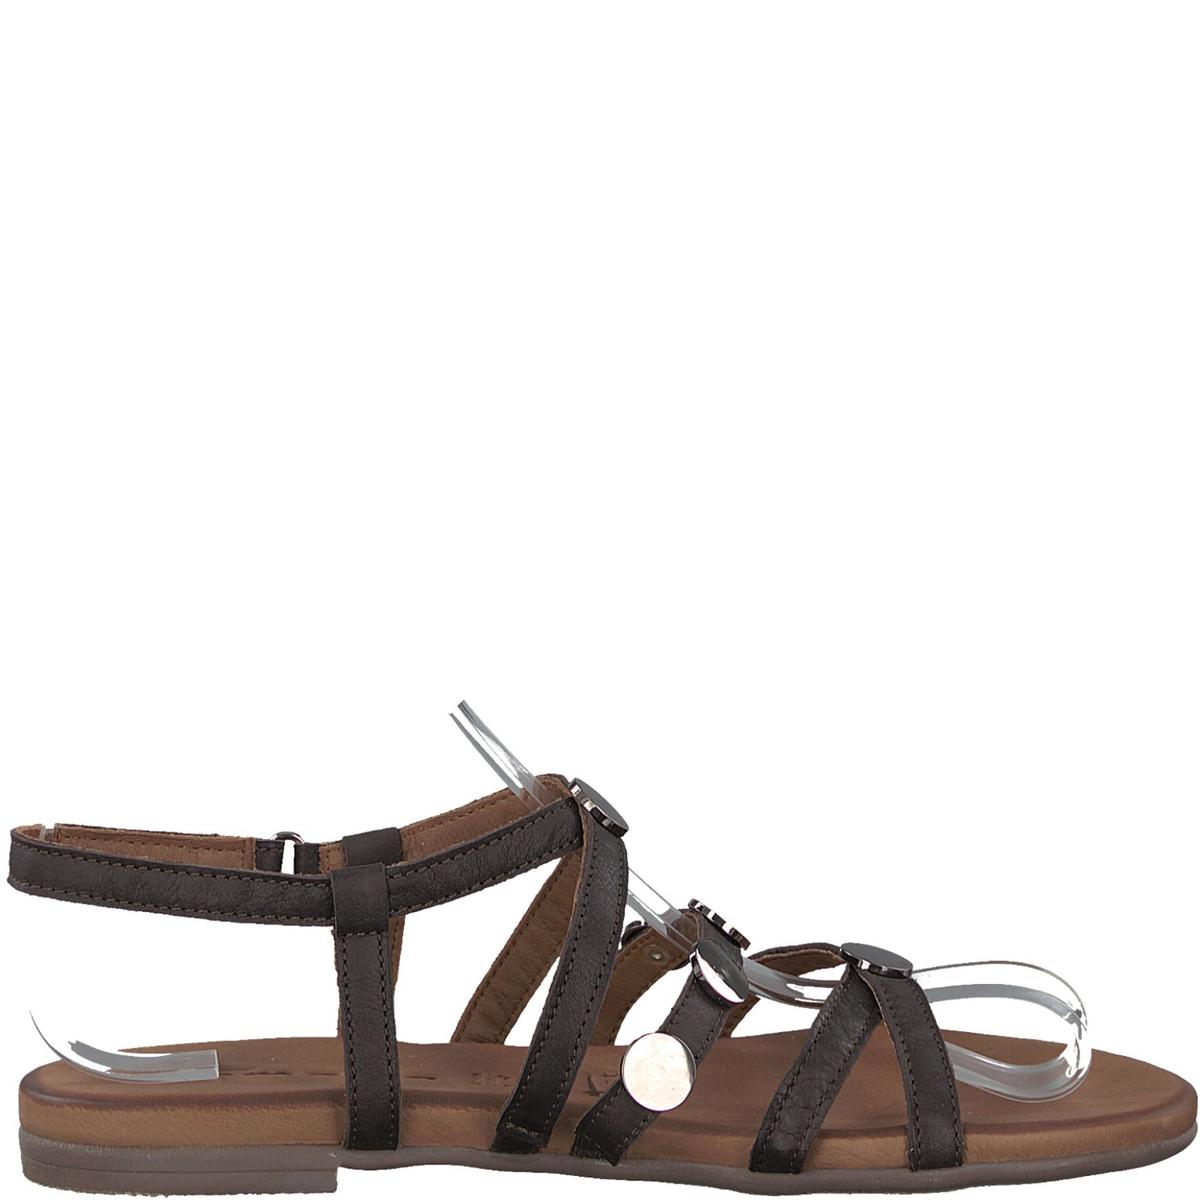 Сандалии кожаные 28138-38Верх : кожа   Подкладка : кожа  Стелька : кожа   Подошва : синтетика   Высота каблука : 1,5 см   Форма каблука : плоский каблук   Мысок : закругленный мысок   Застежка : планка-велкро<br><br>Цвет: мокко<br>Размер: 40